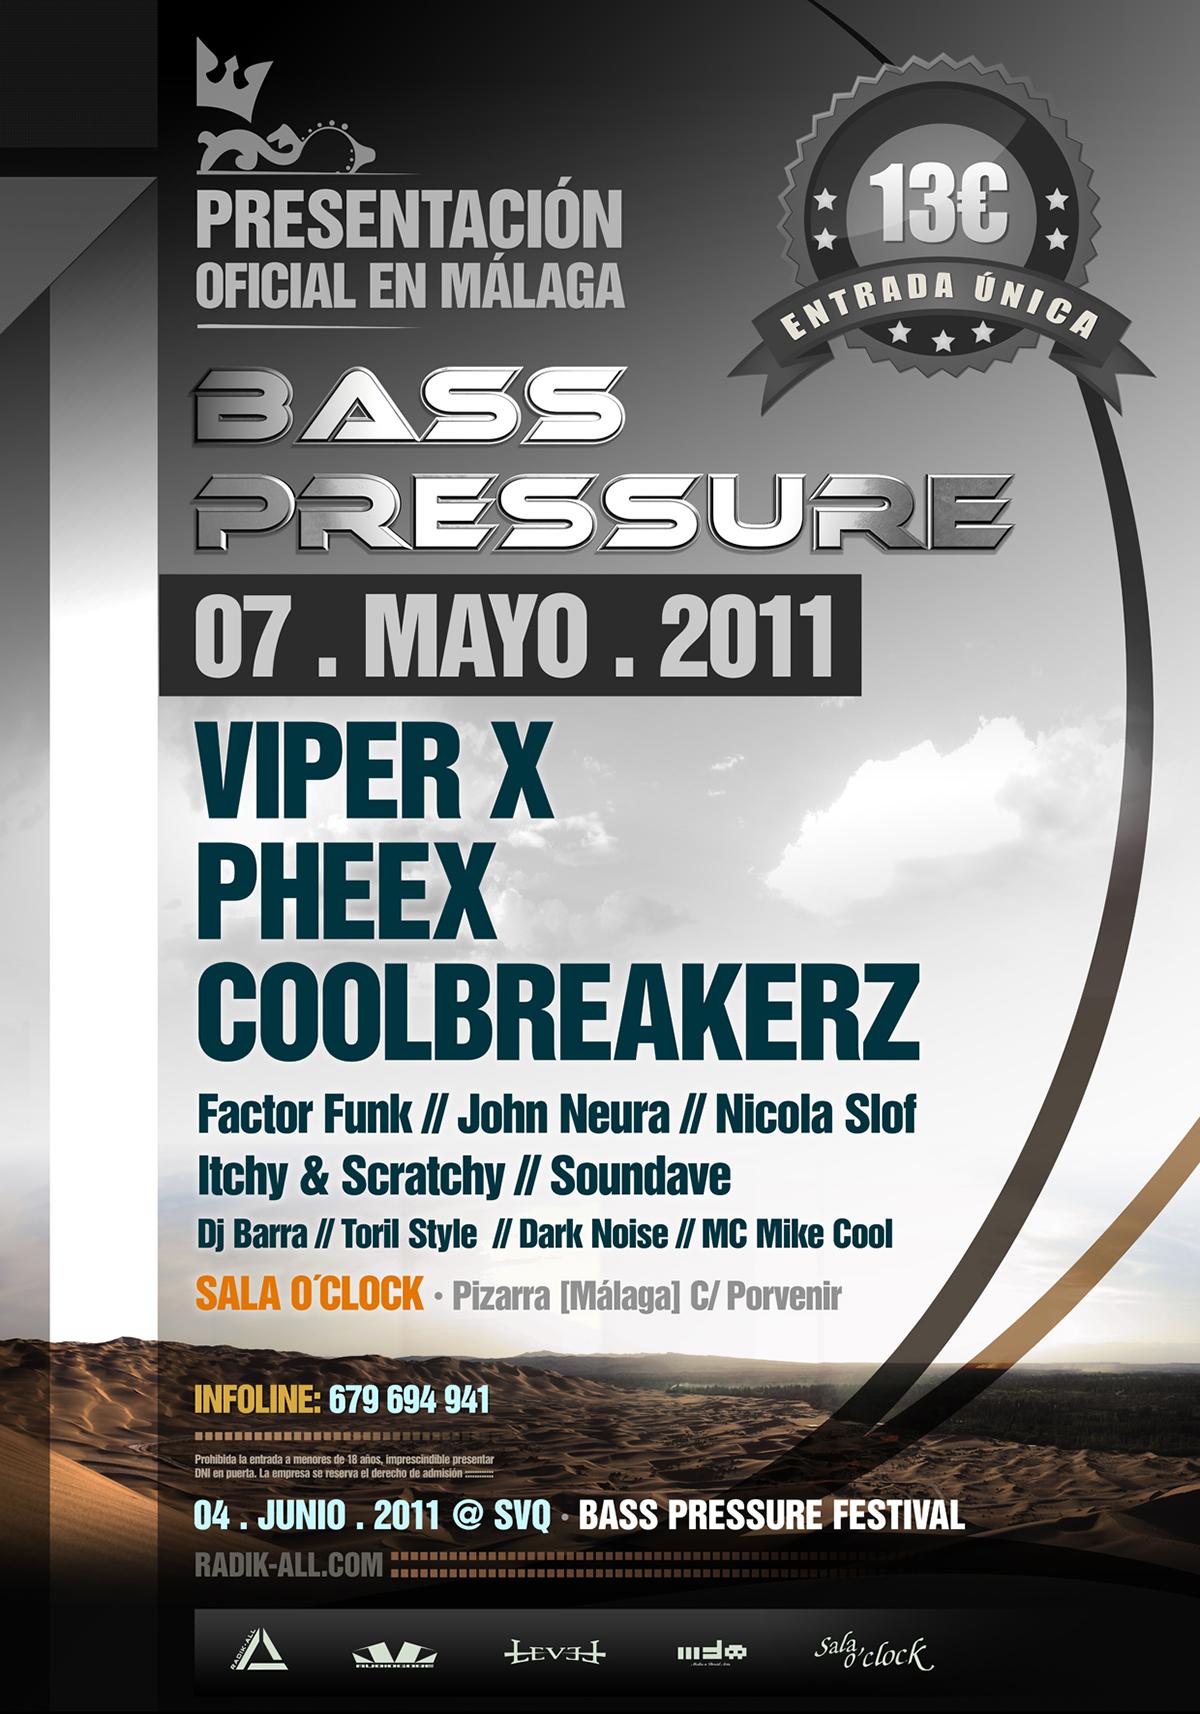 pre-bass-pressure-malaga-2011